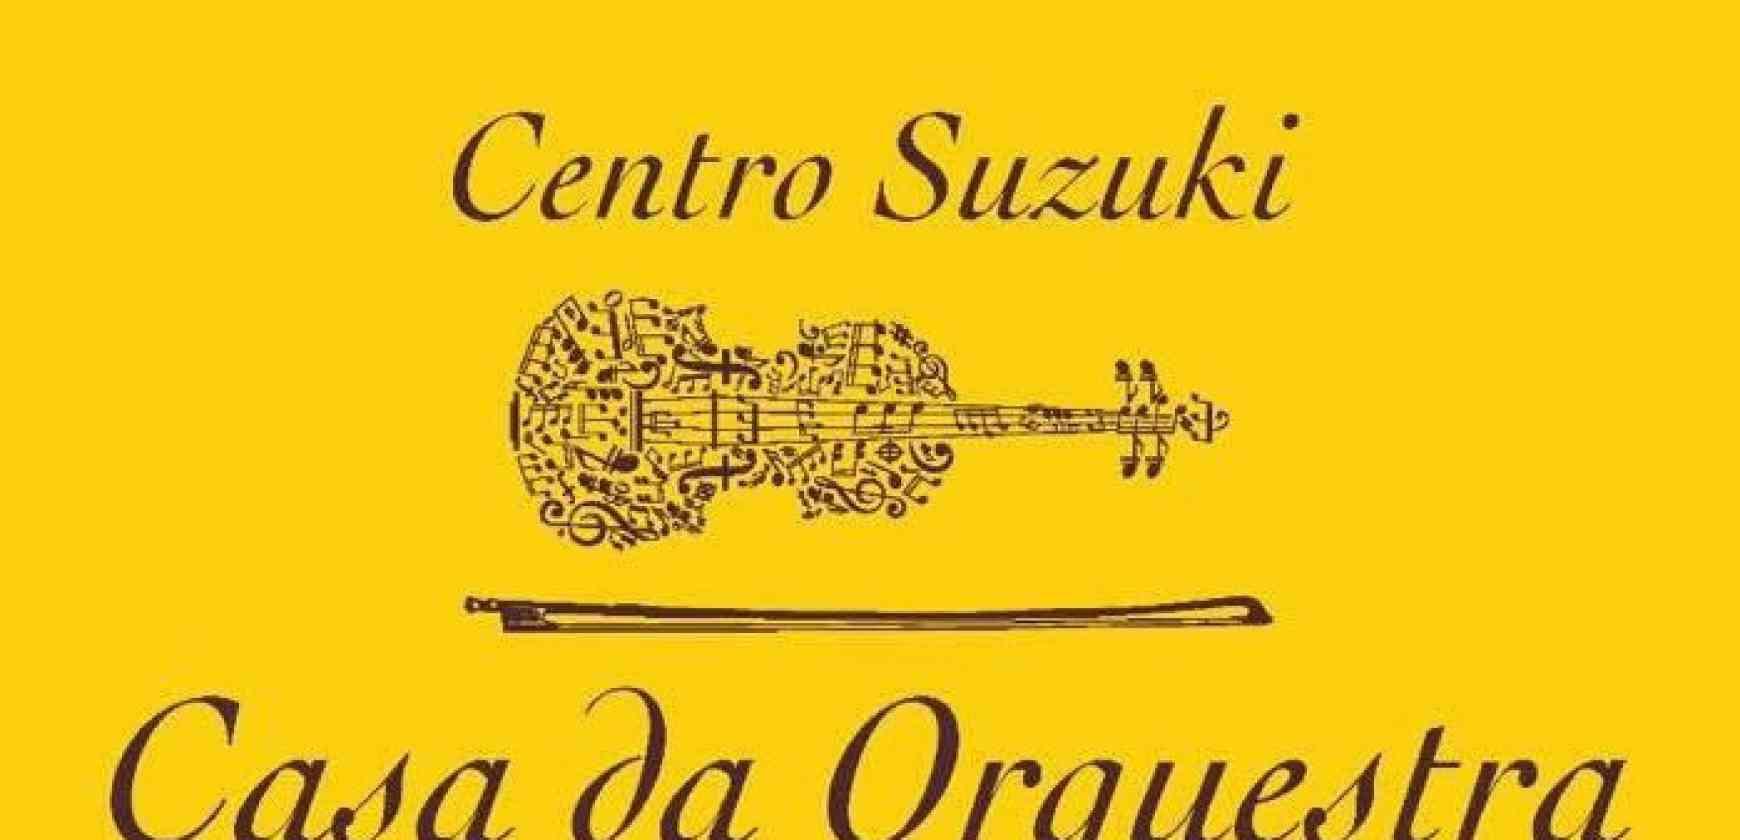 Centro Suzuki Casa da Orquestra